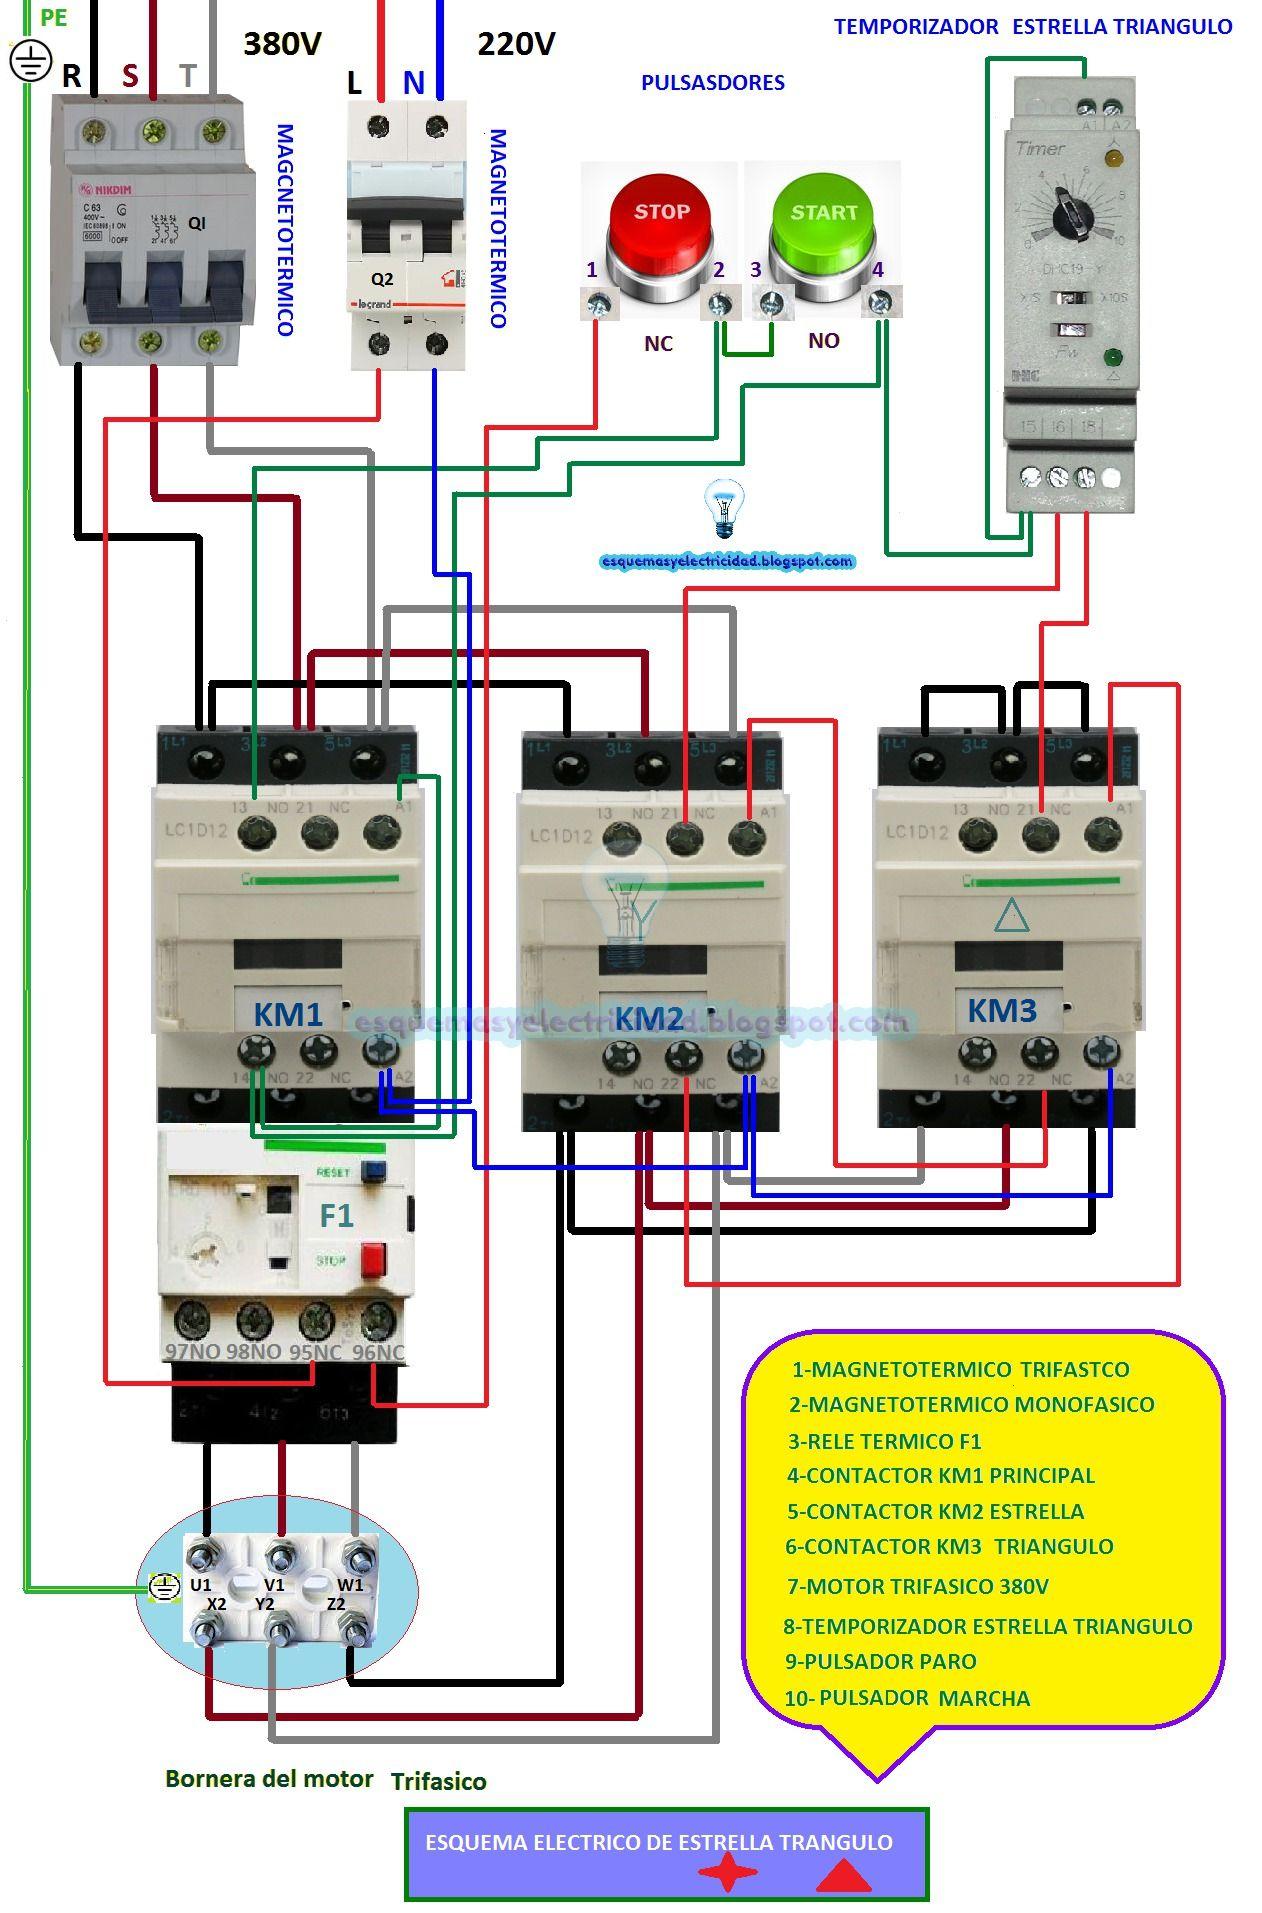 Proporciona Carga De Imagenes Libre Y La Integracion De Alojamiento Para Los Foros Electrical Circuit Diagram Basic Electrical Wiring Electrical Wiring Diagram